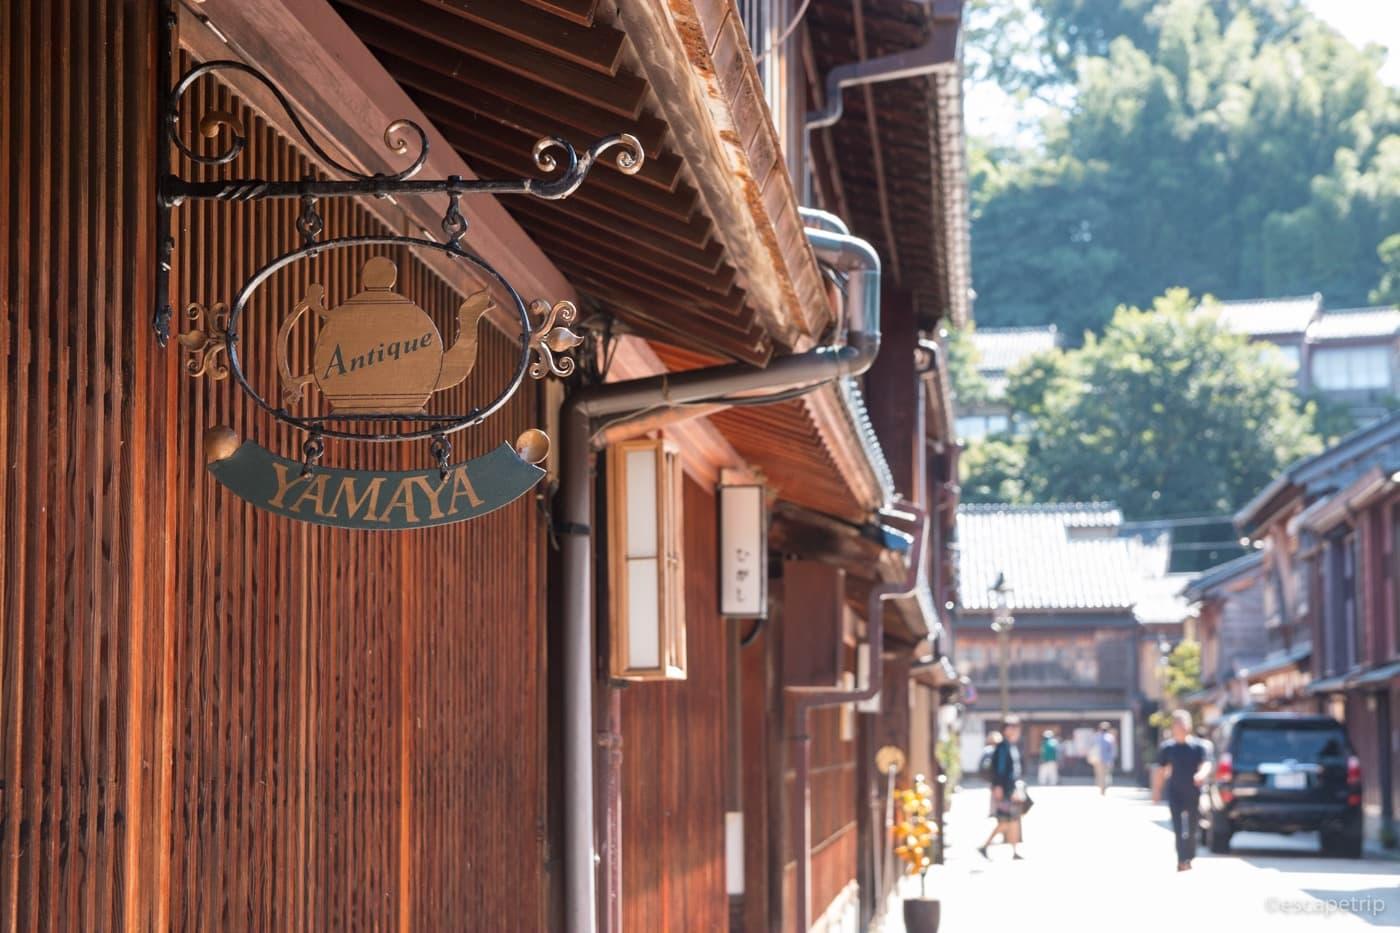 ひがし茶屋街のお店の看板